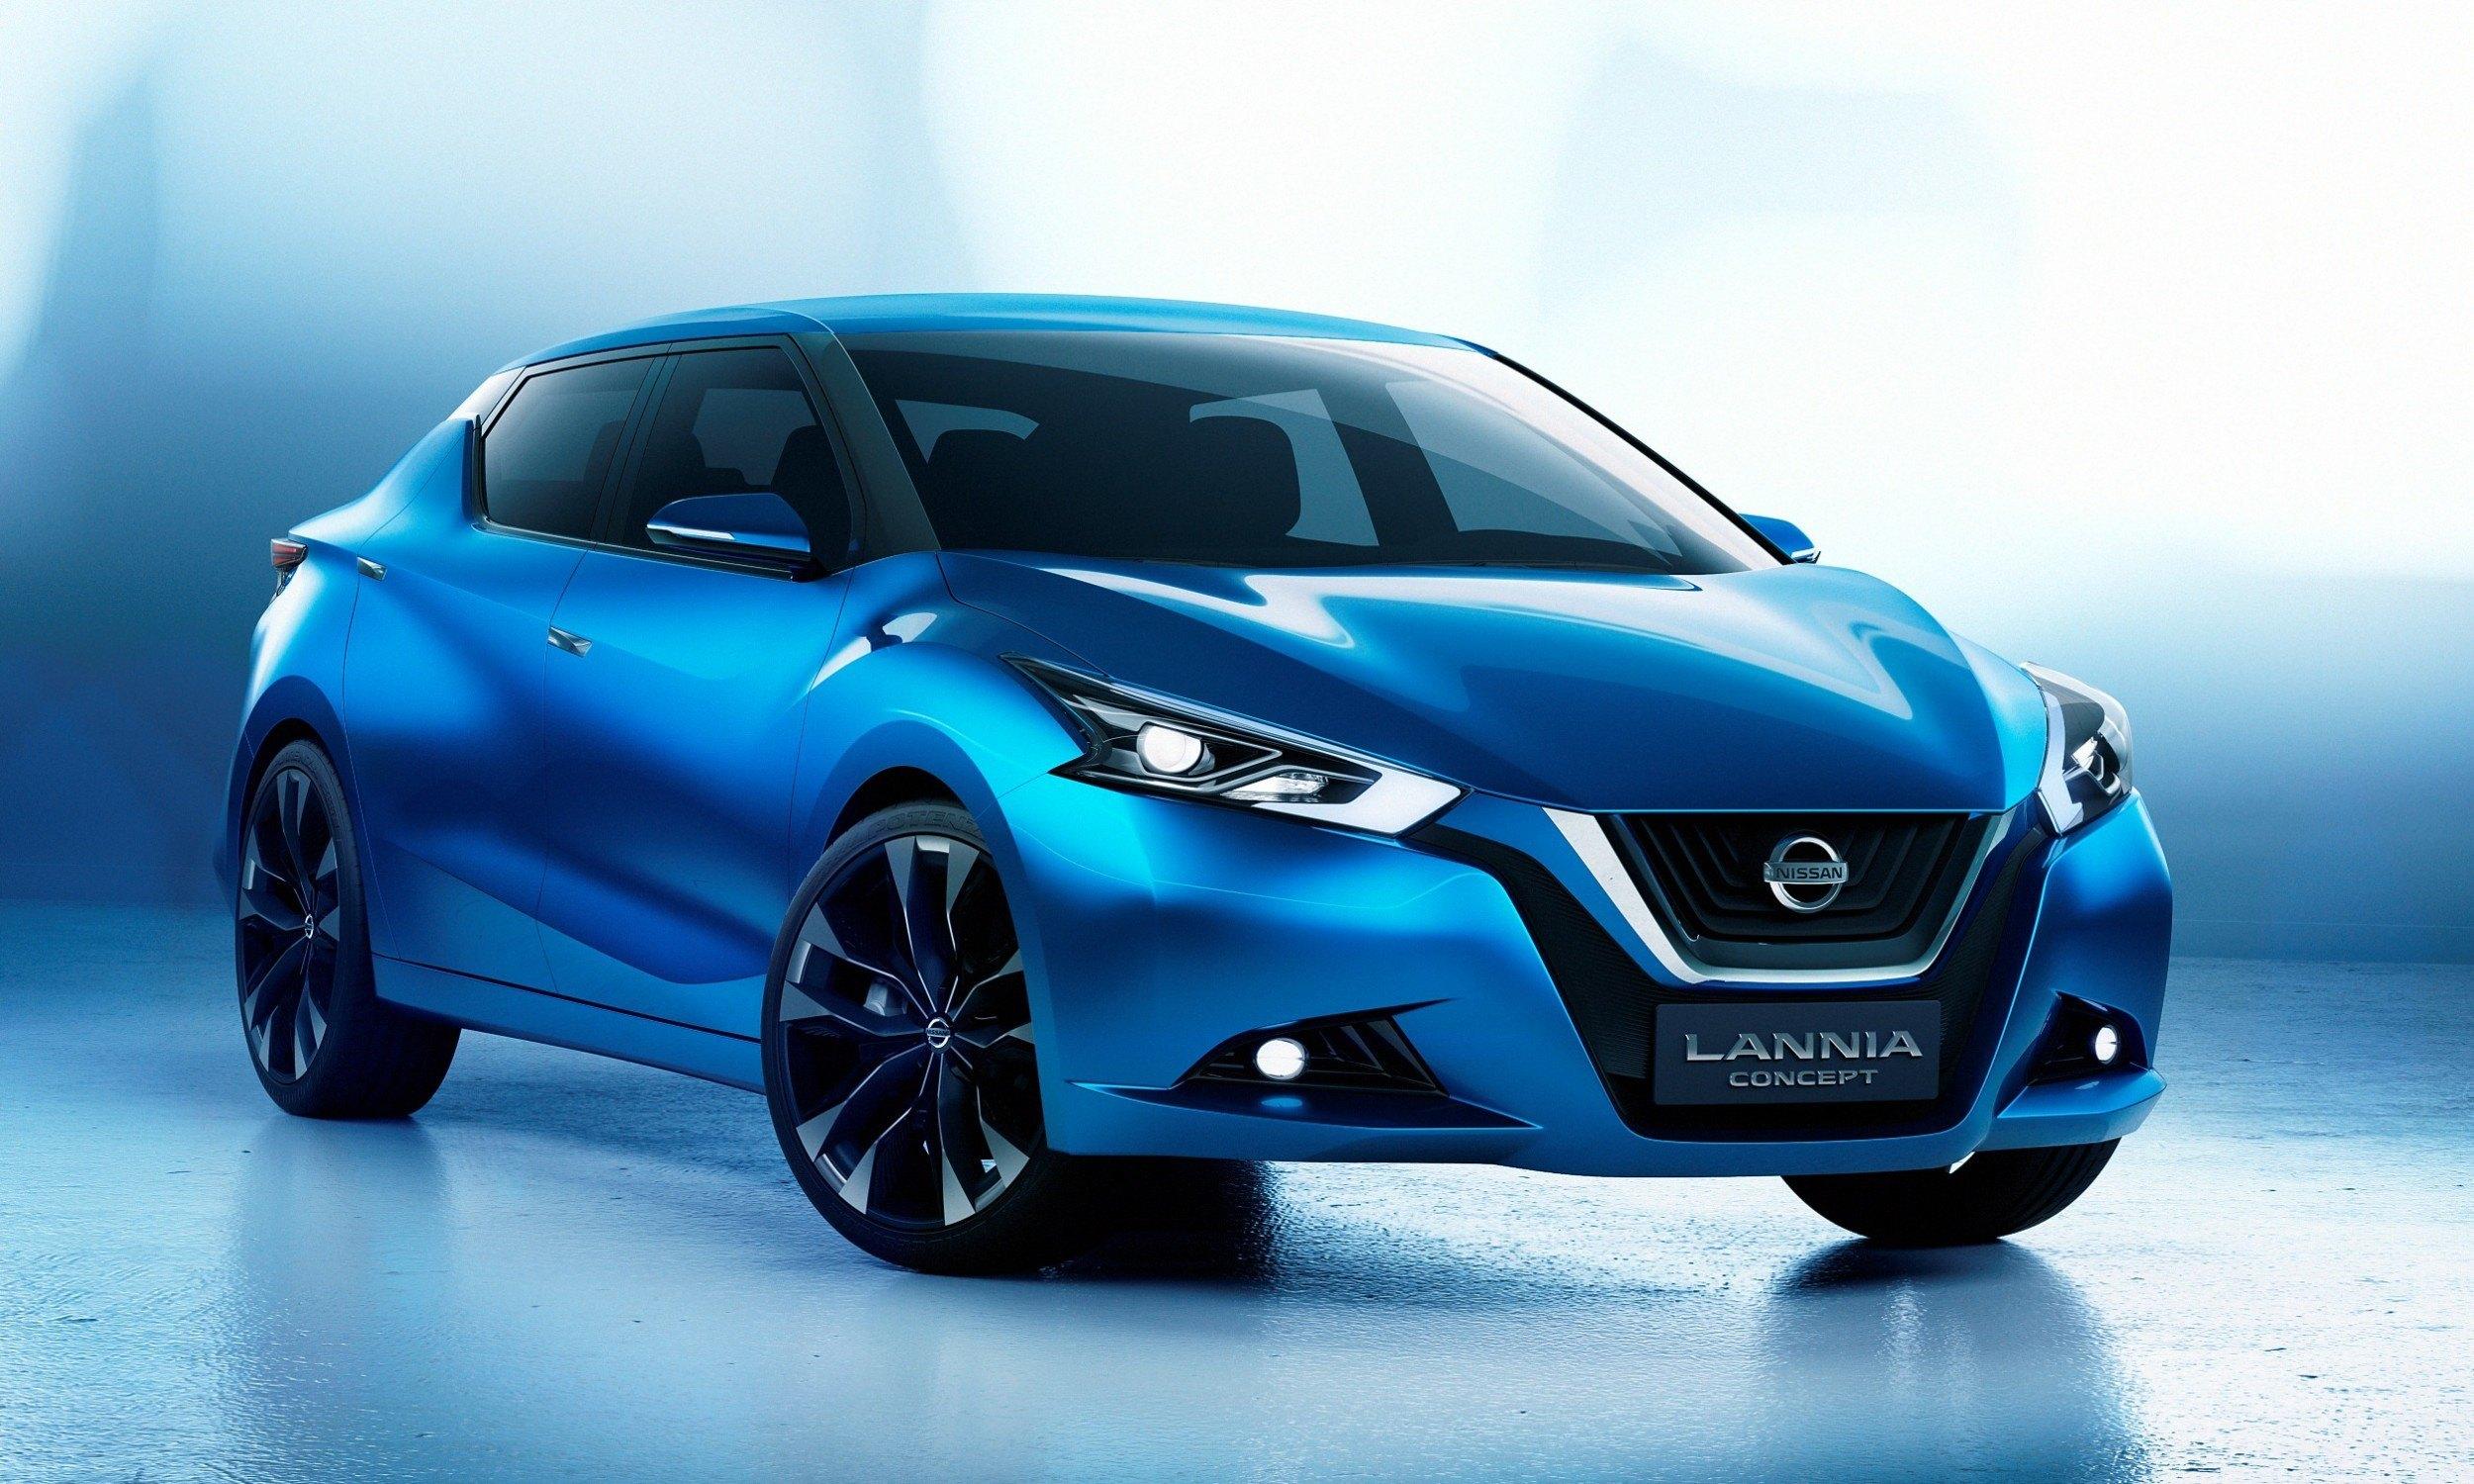 2014 Nissan Lannia Concept Previews Next Leaf EV